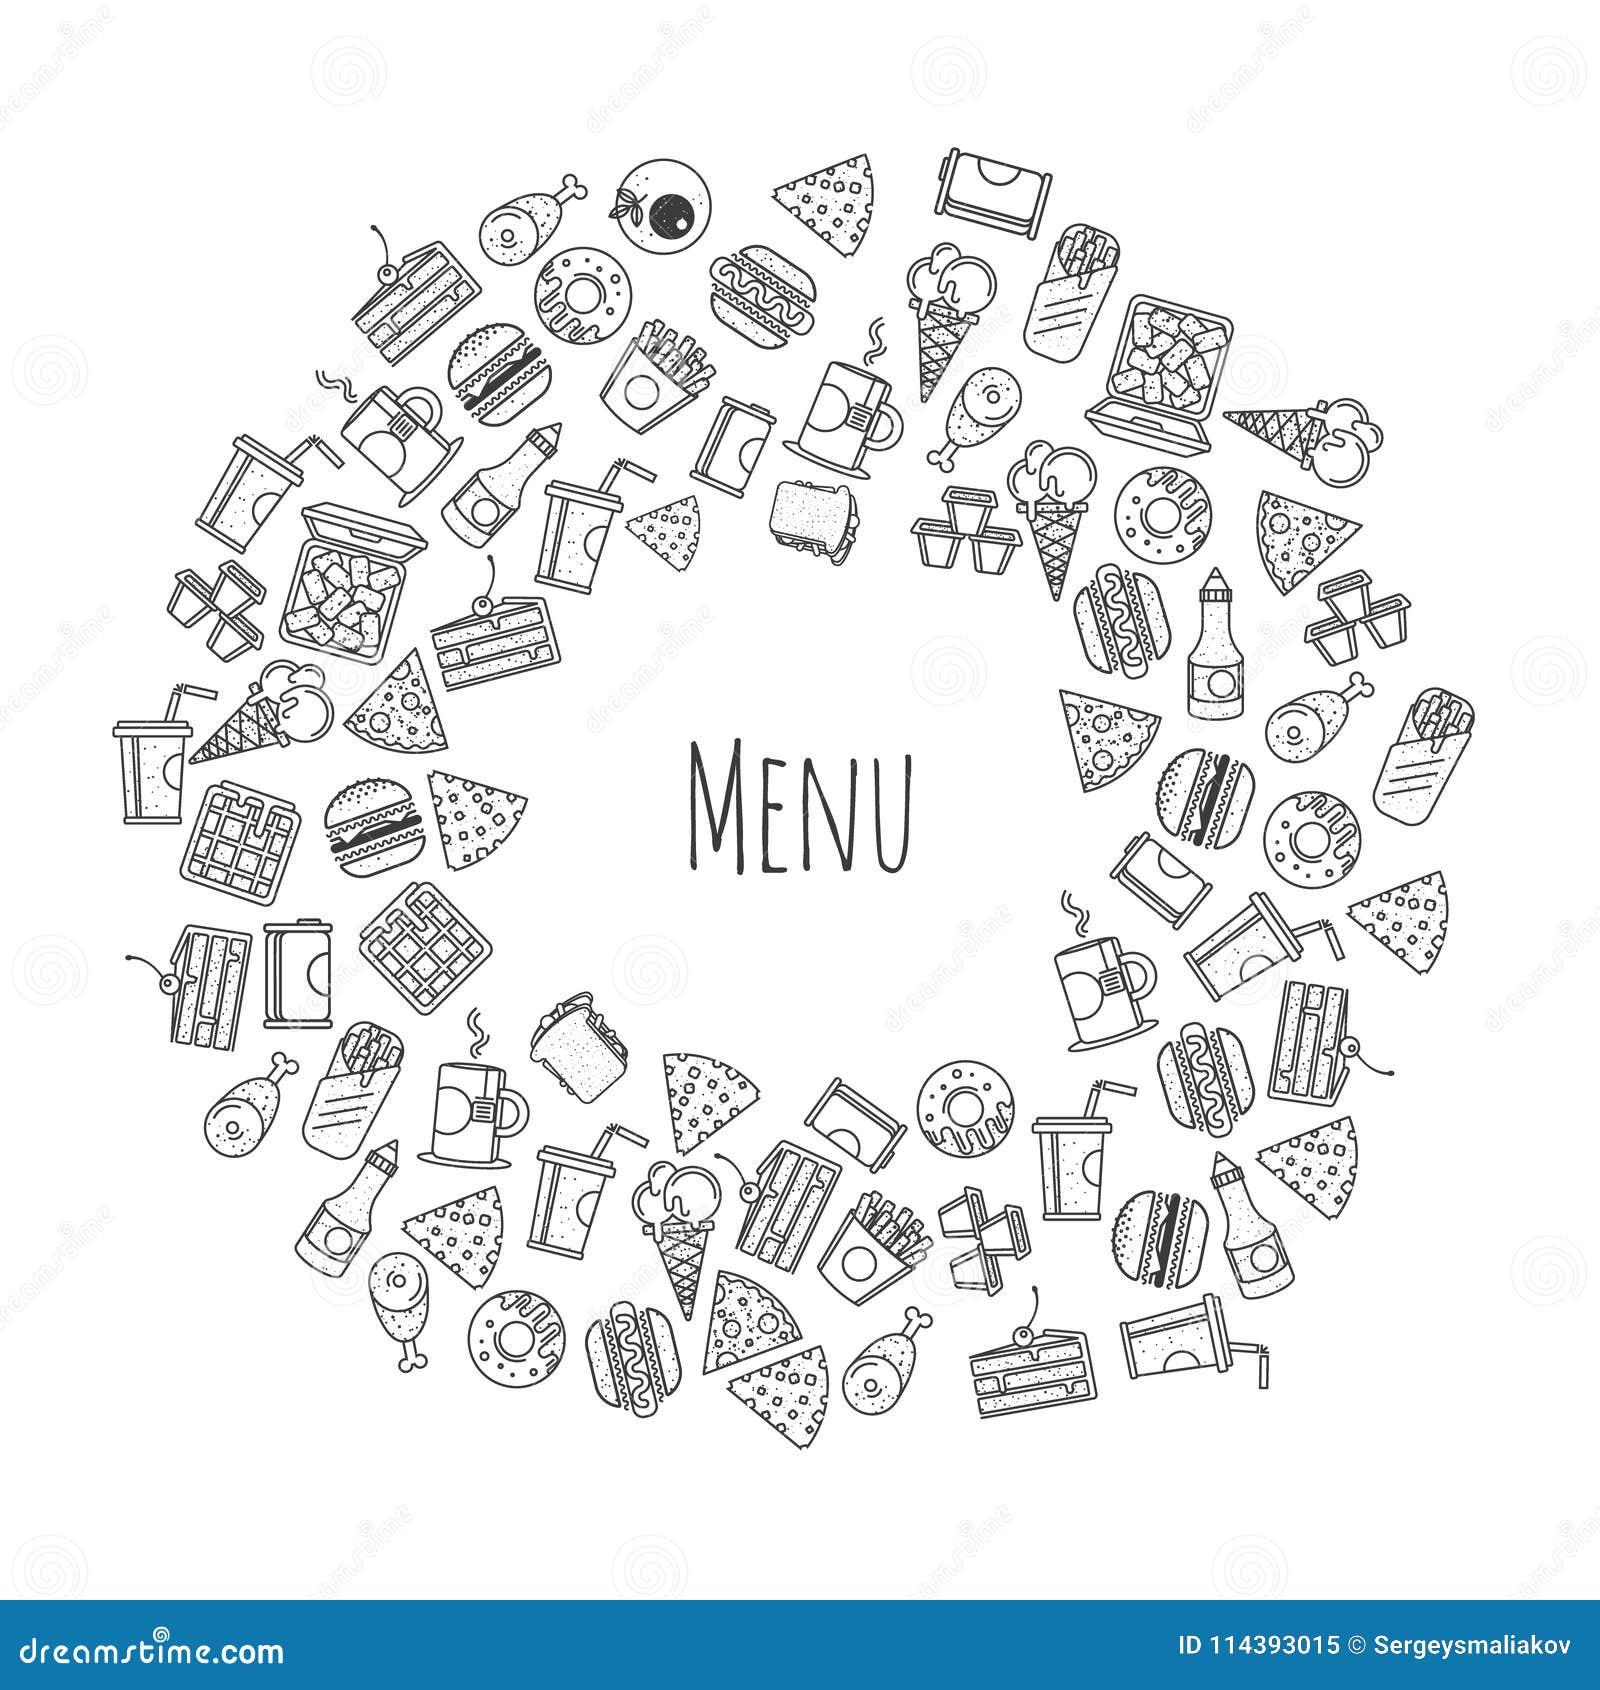 Fasta food menu